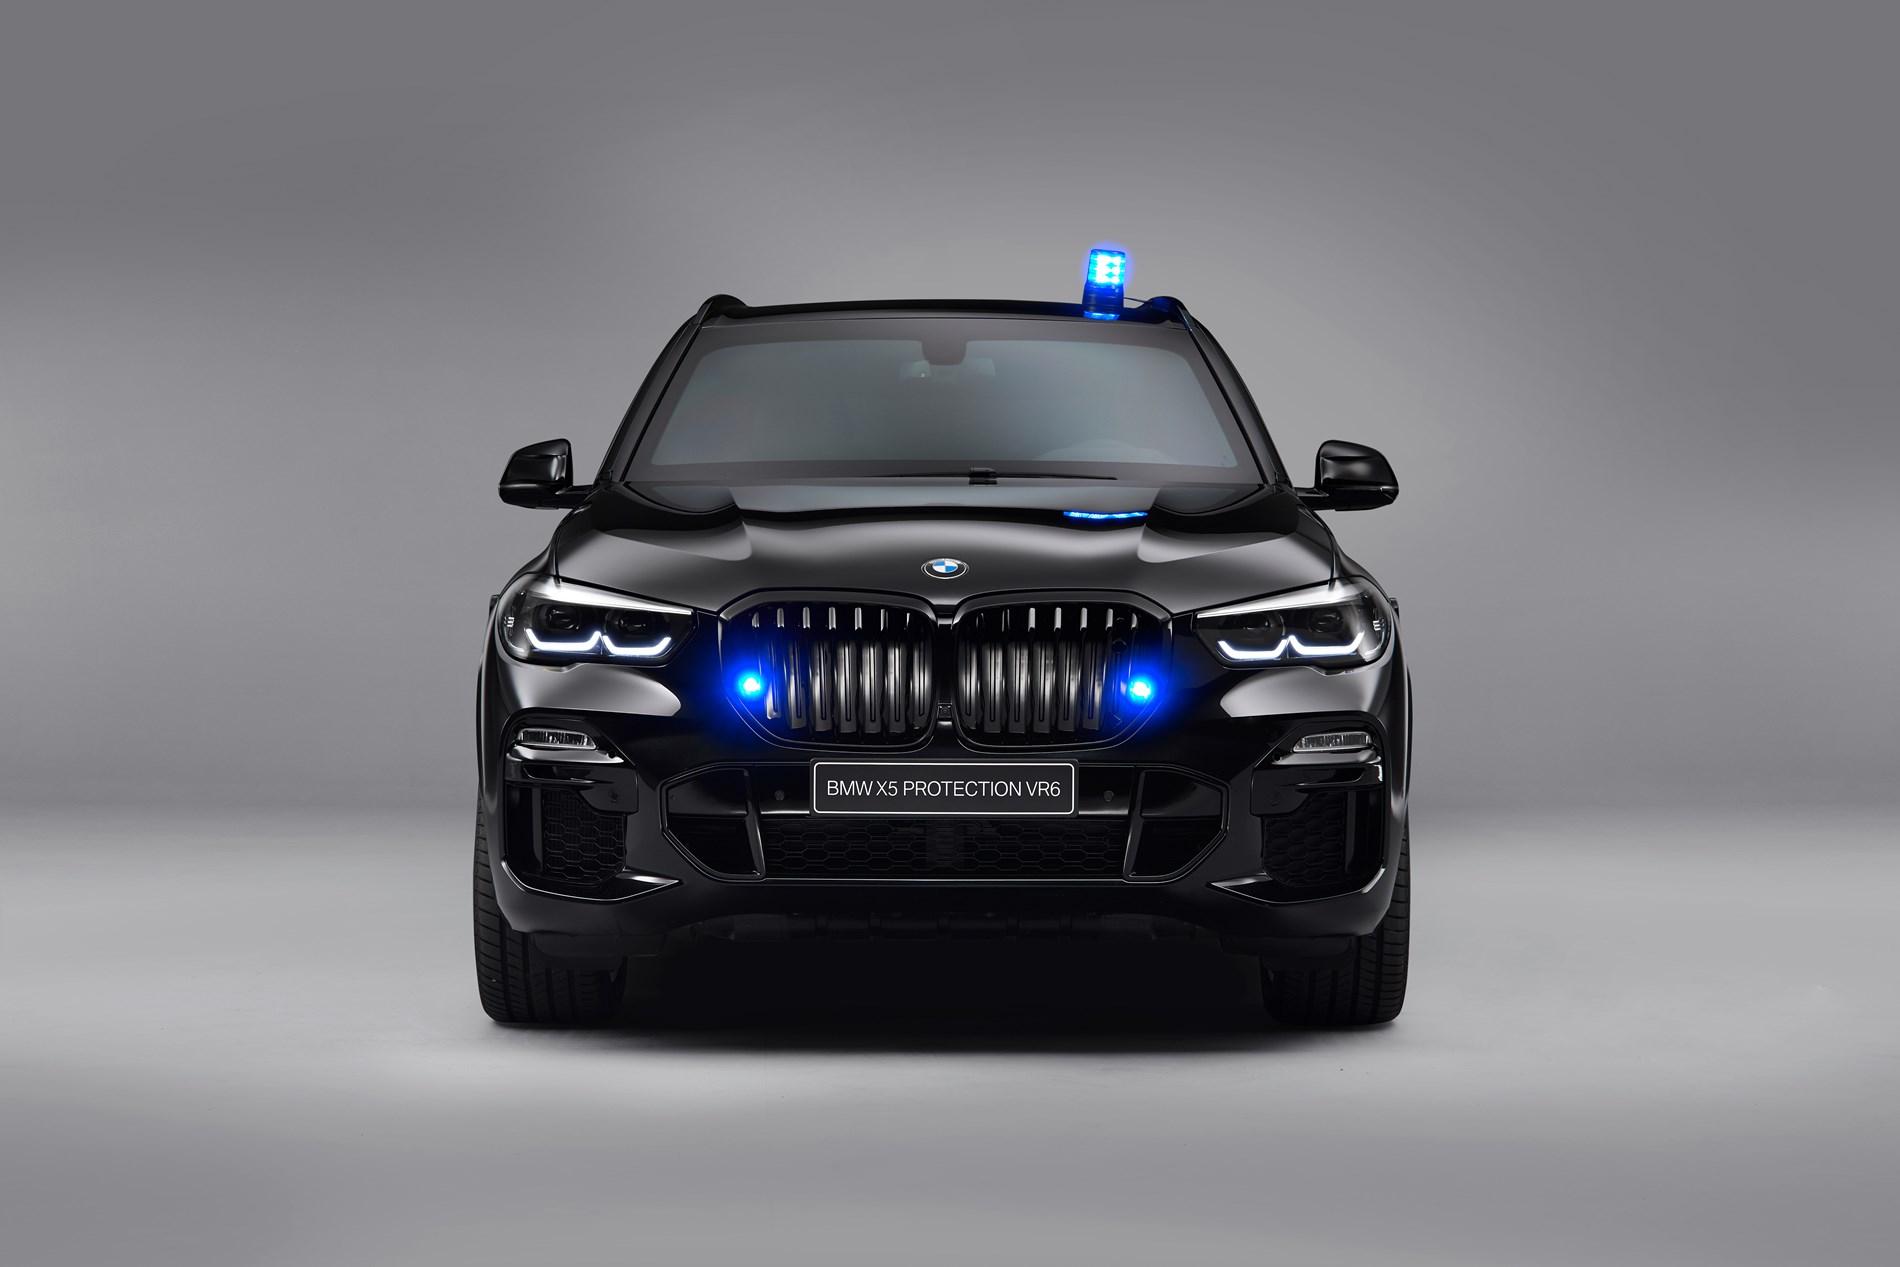 Bescherming en superioriteit zonder de minste toegeving: de nieuwe BMW X5 Protection VR6.